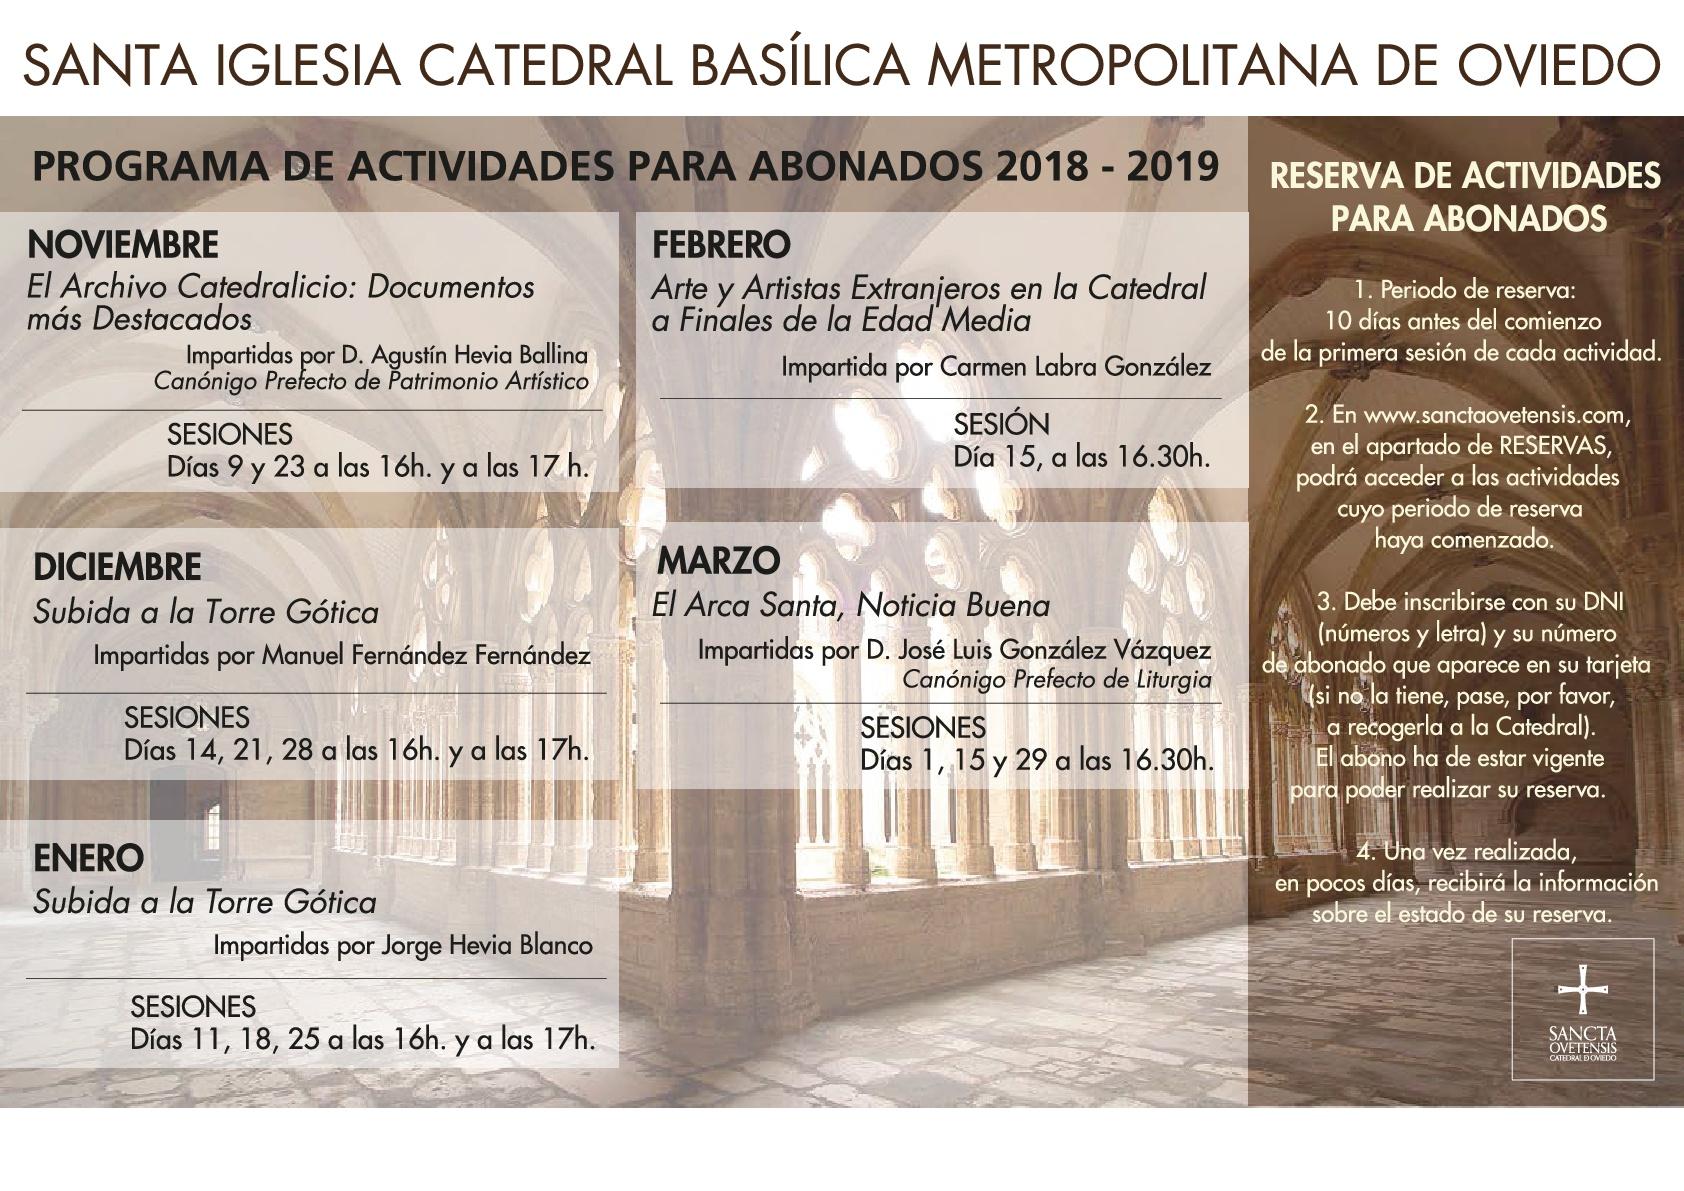 Programa de Actividades Catedral 2018-19 ok jpg